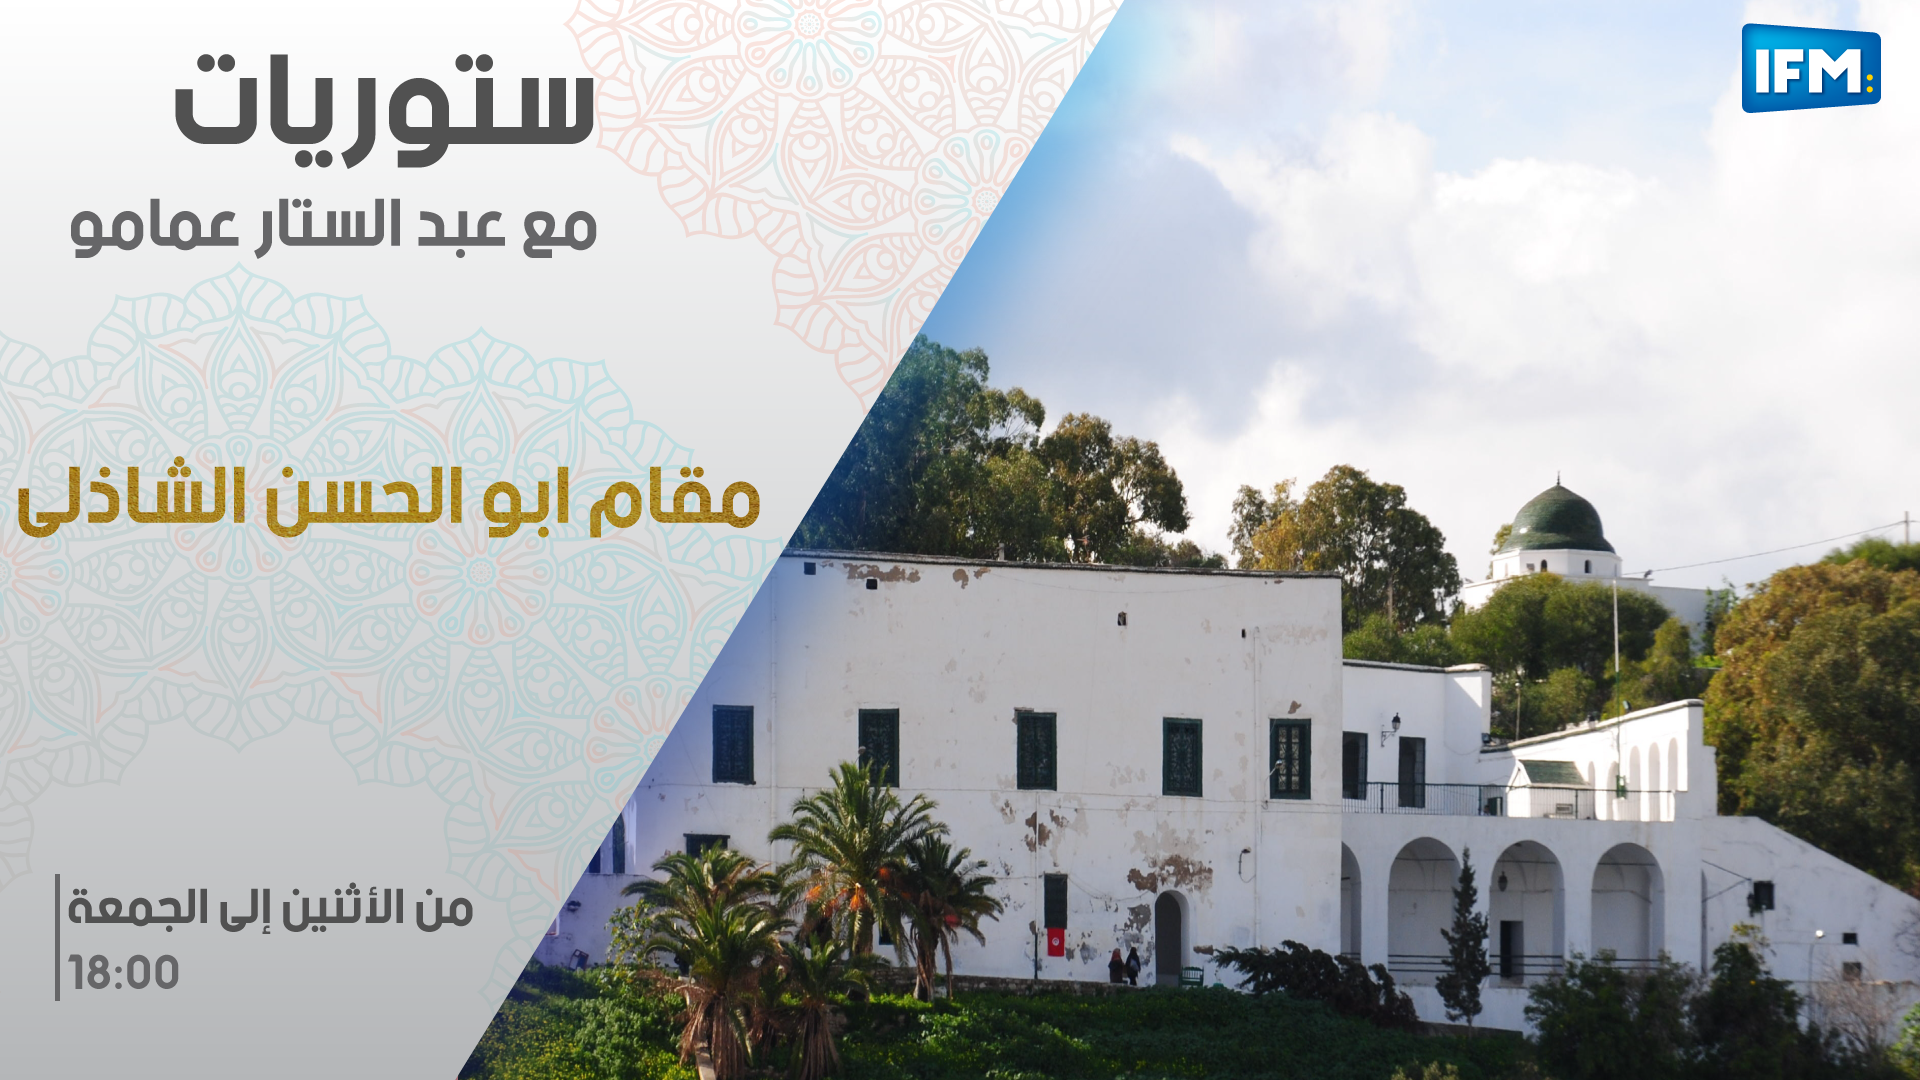 Makam Abou hasan al chadi IFM ORIGINALS